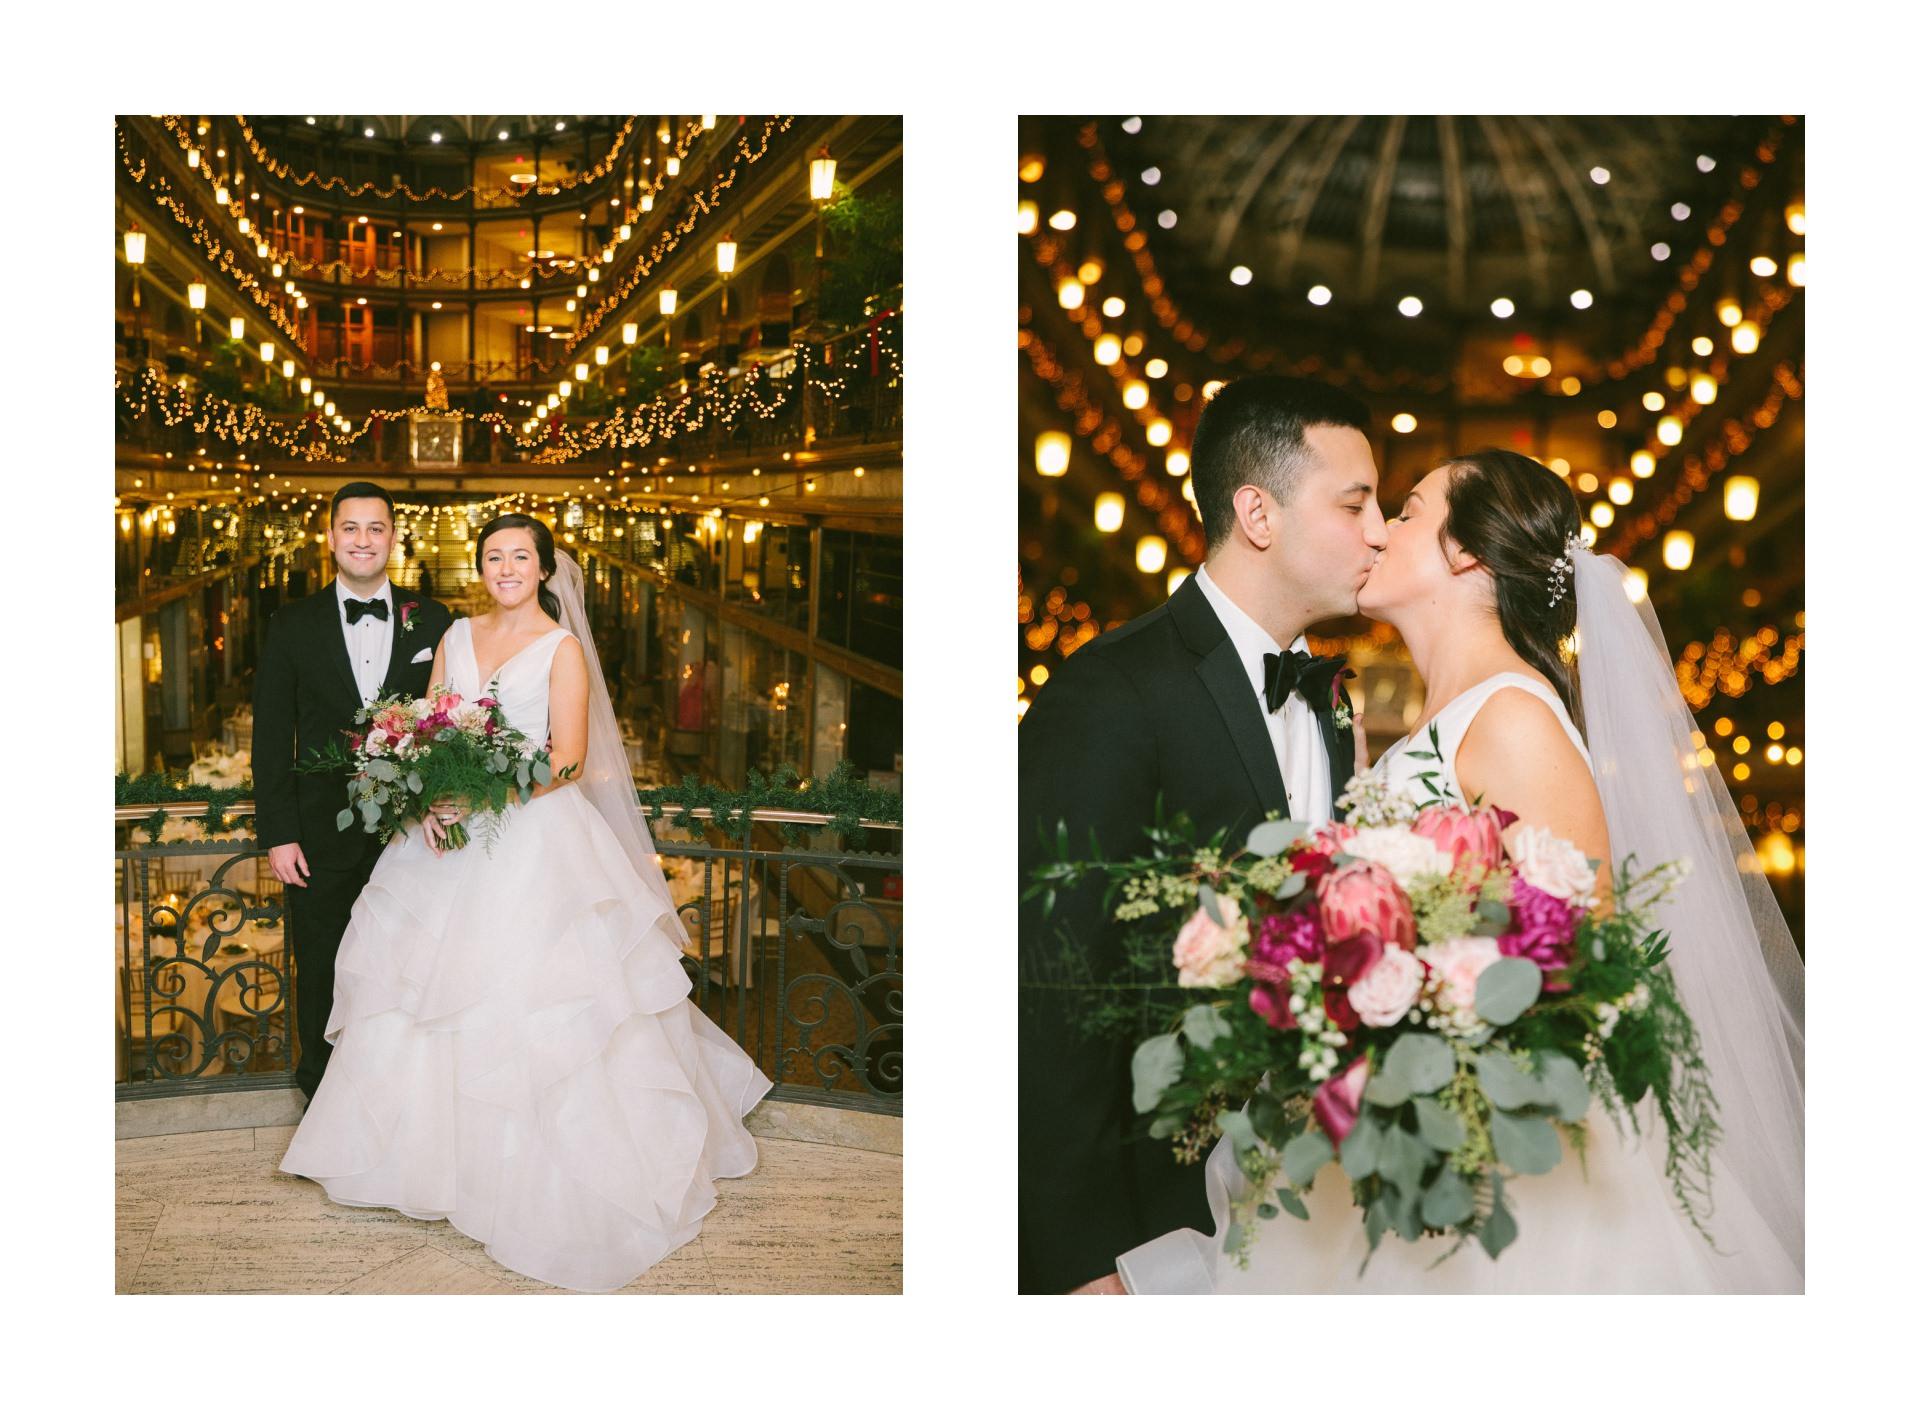 Hyatt Old Arcade Wedding Photographer in Cleveland 2 9.jpg